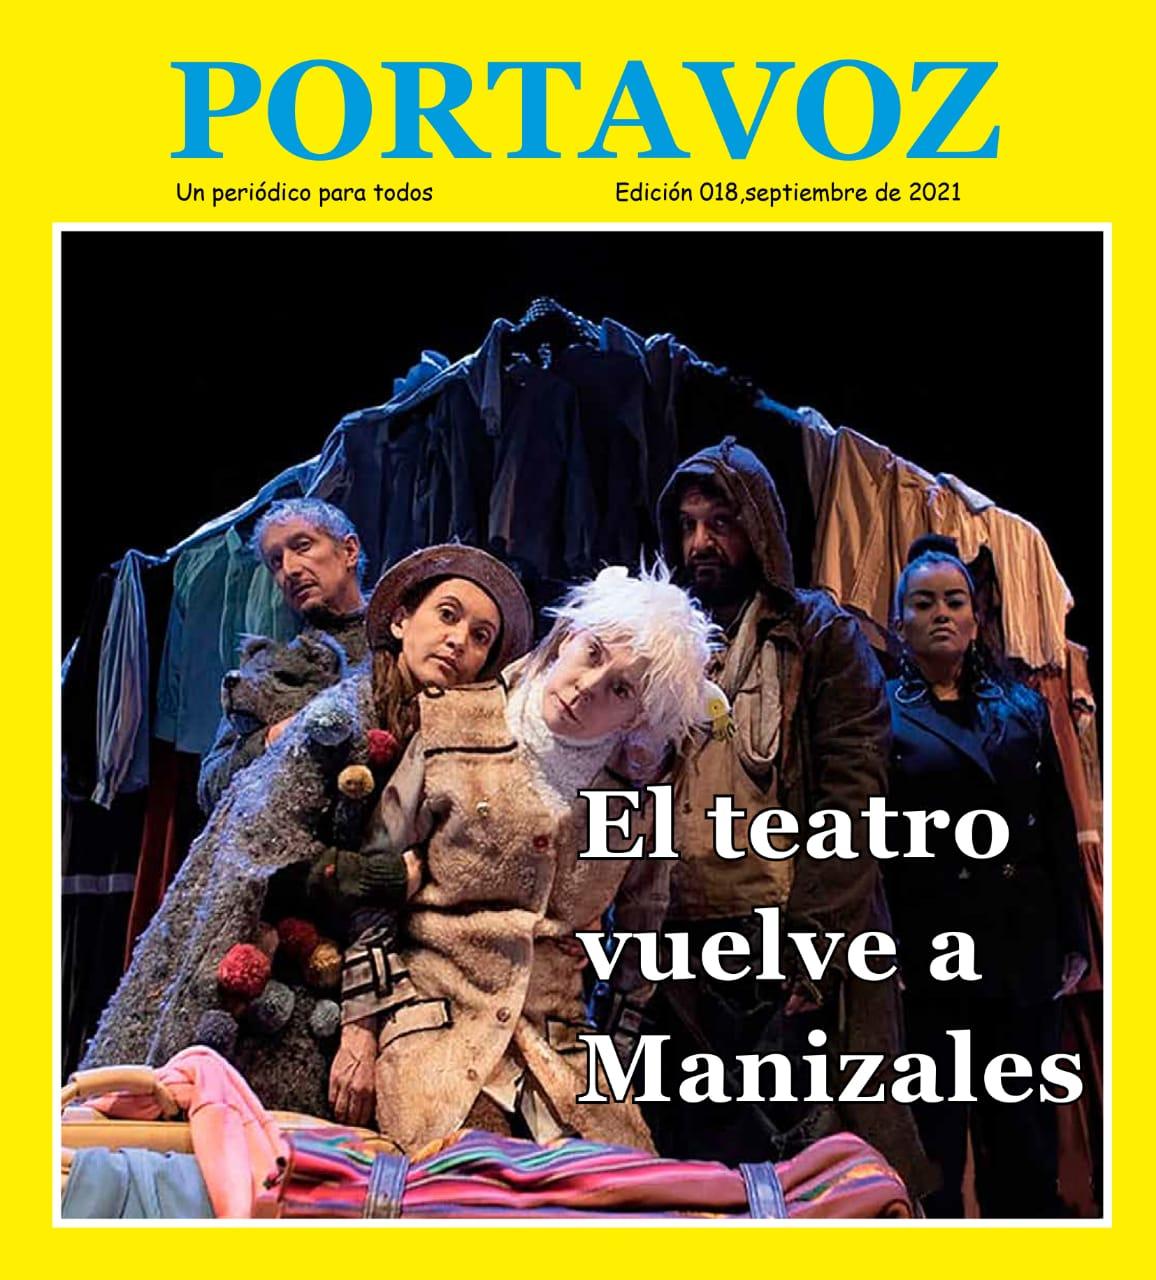 edición 018 del periódico PORTAVOZ